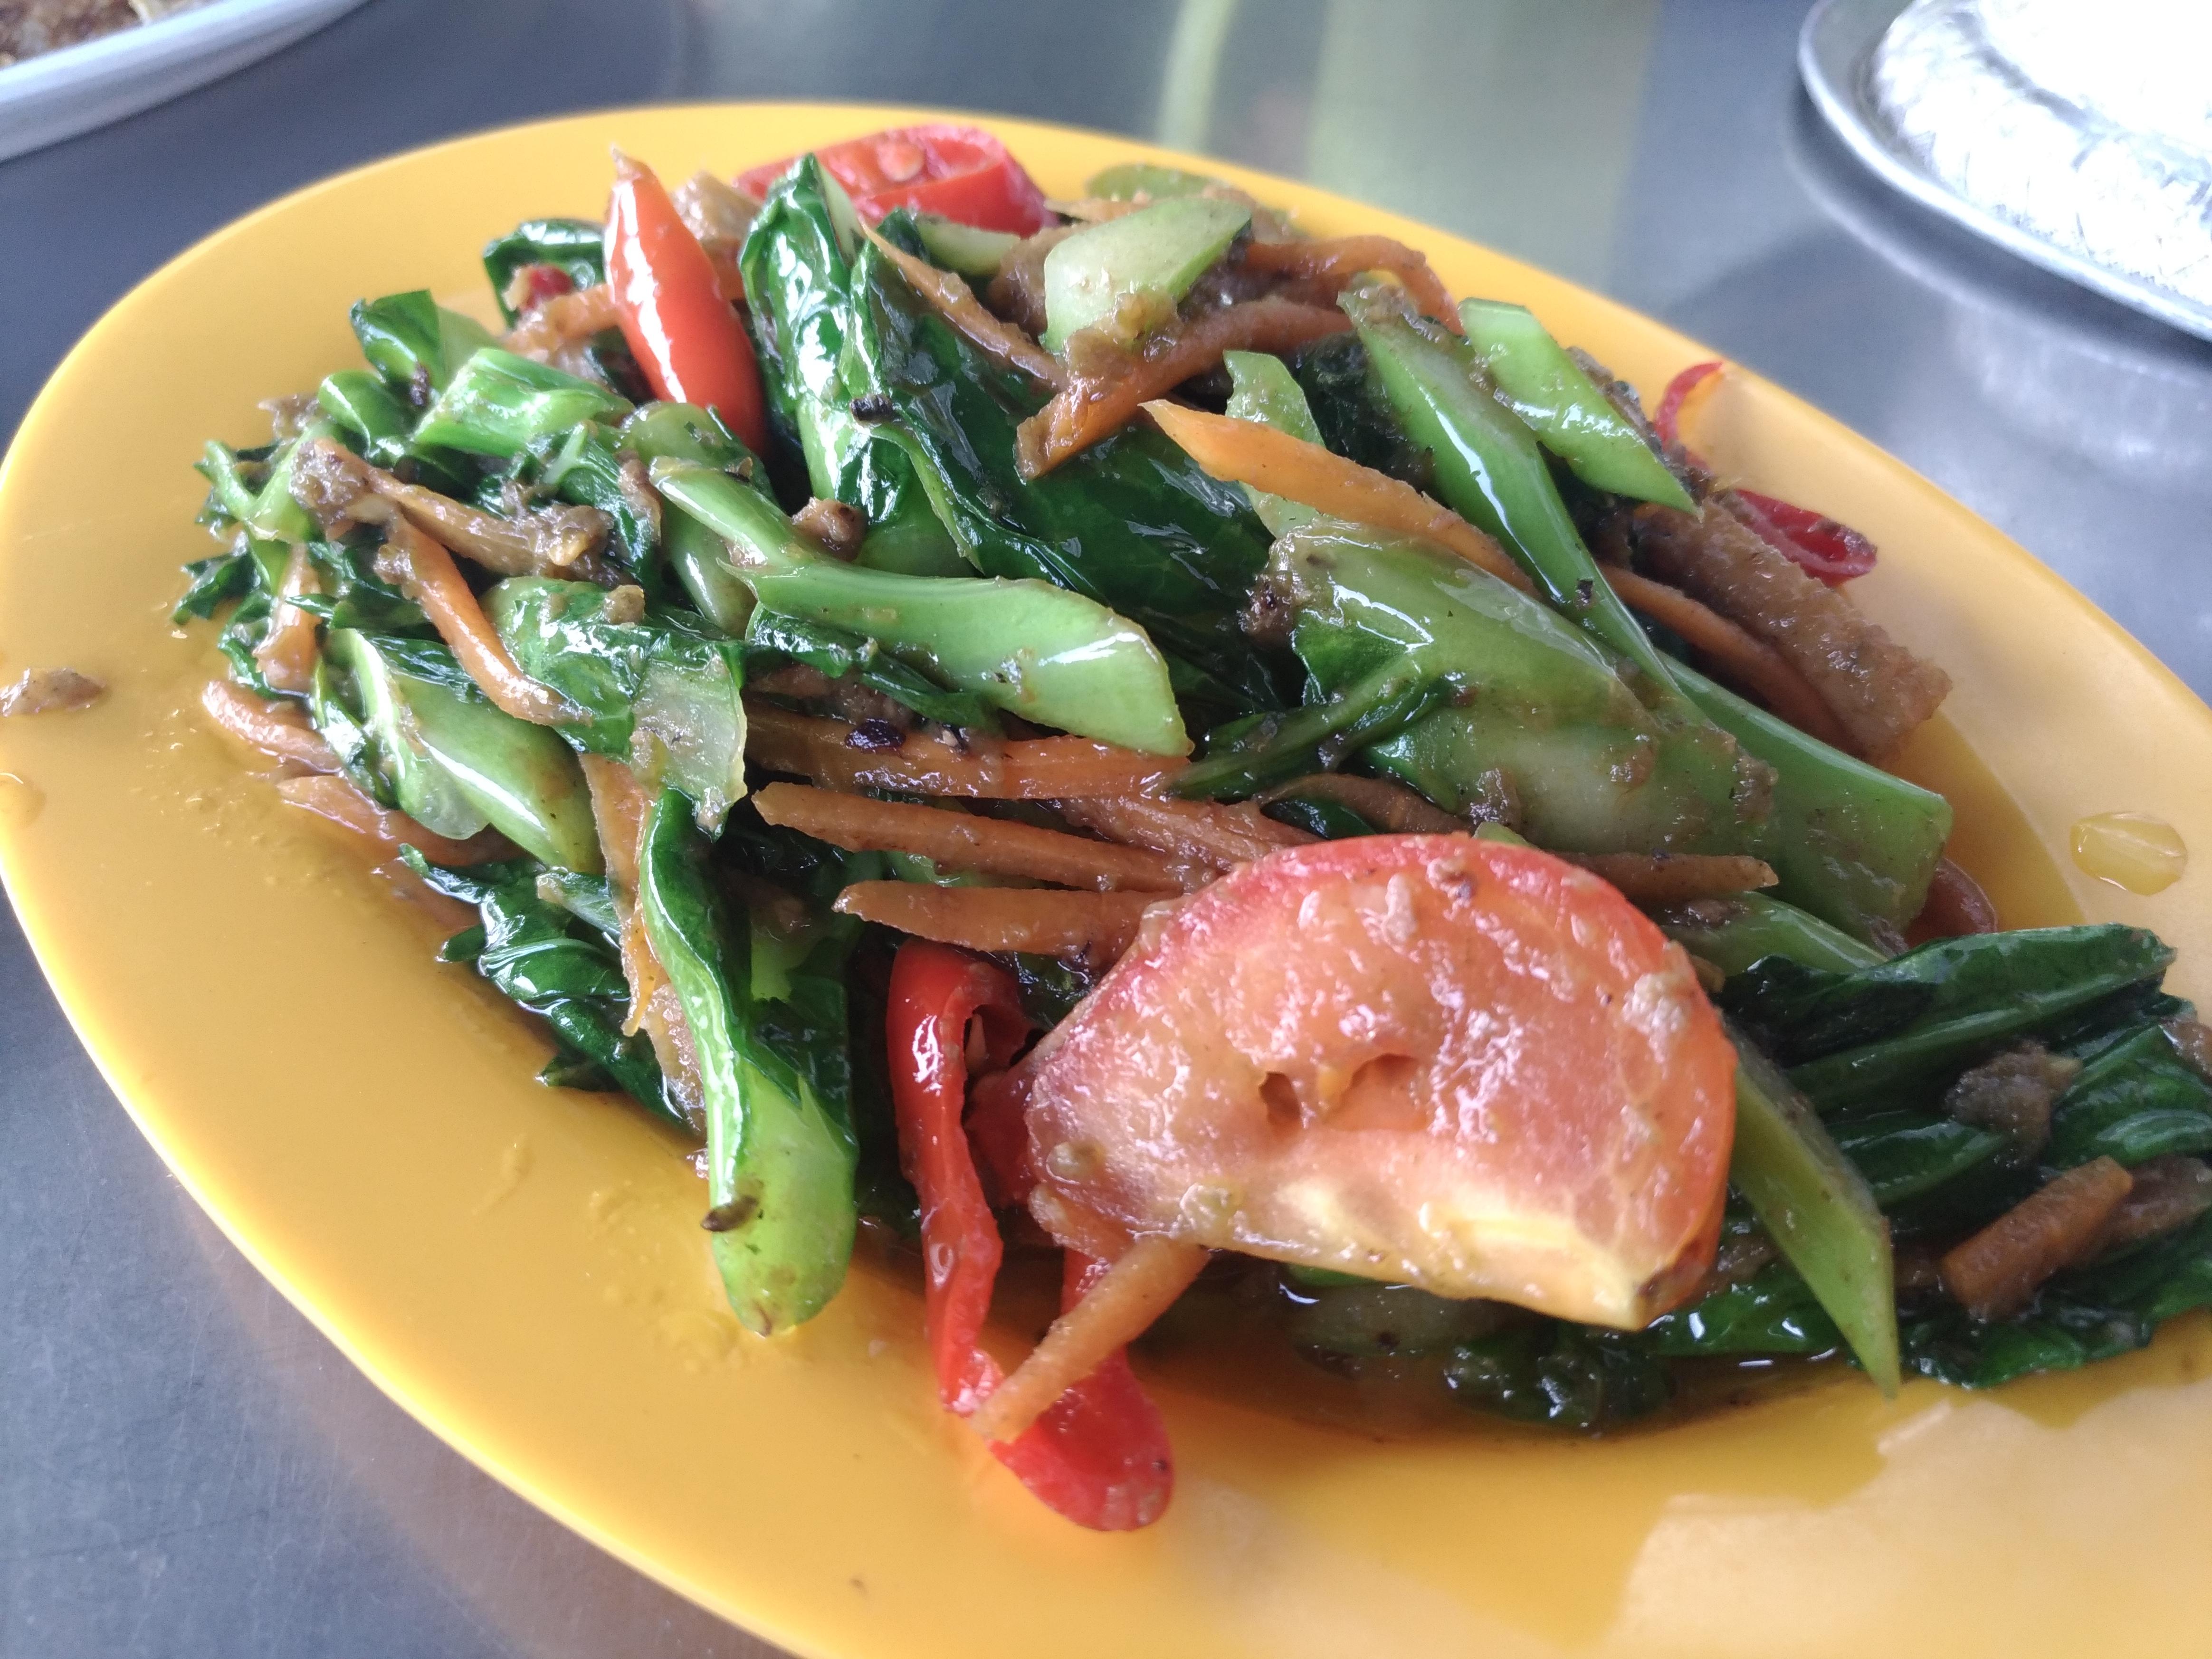 Makan-makan di Ikan Bakar Parameswara Medan Ikan Bakar Pernu